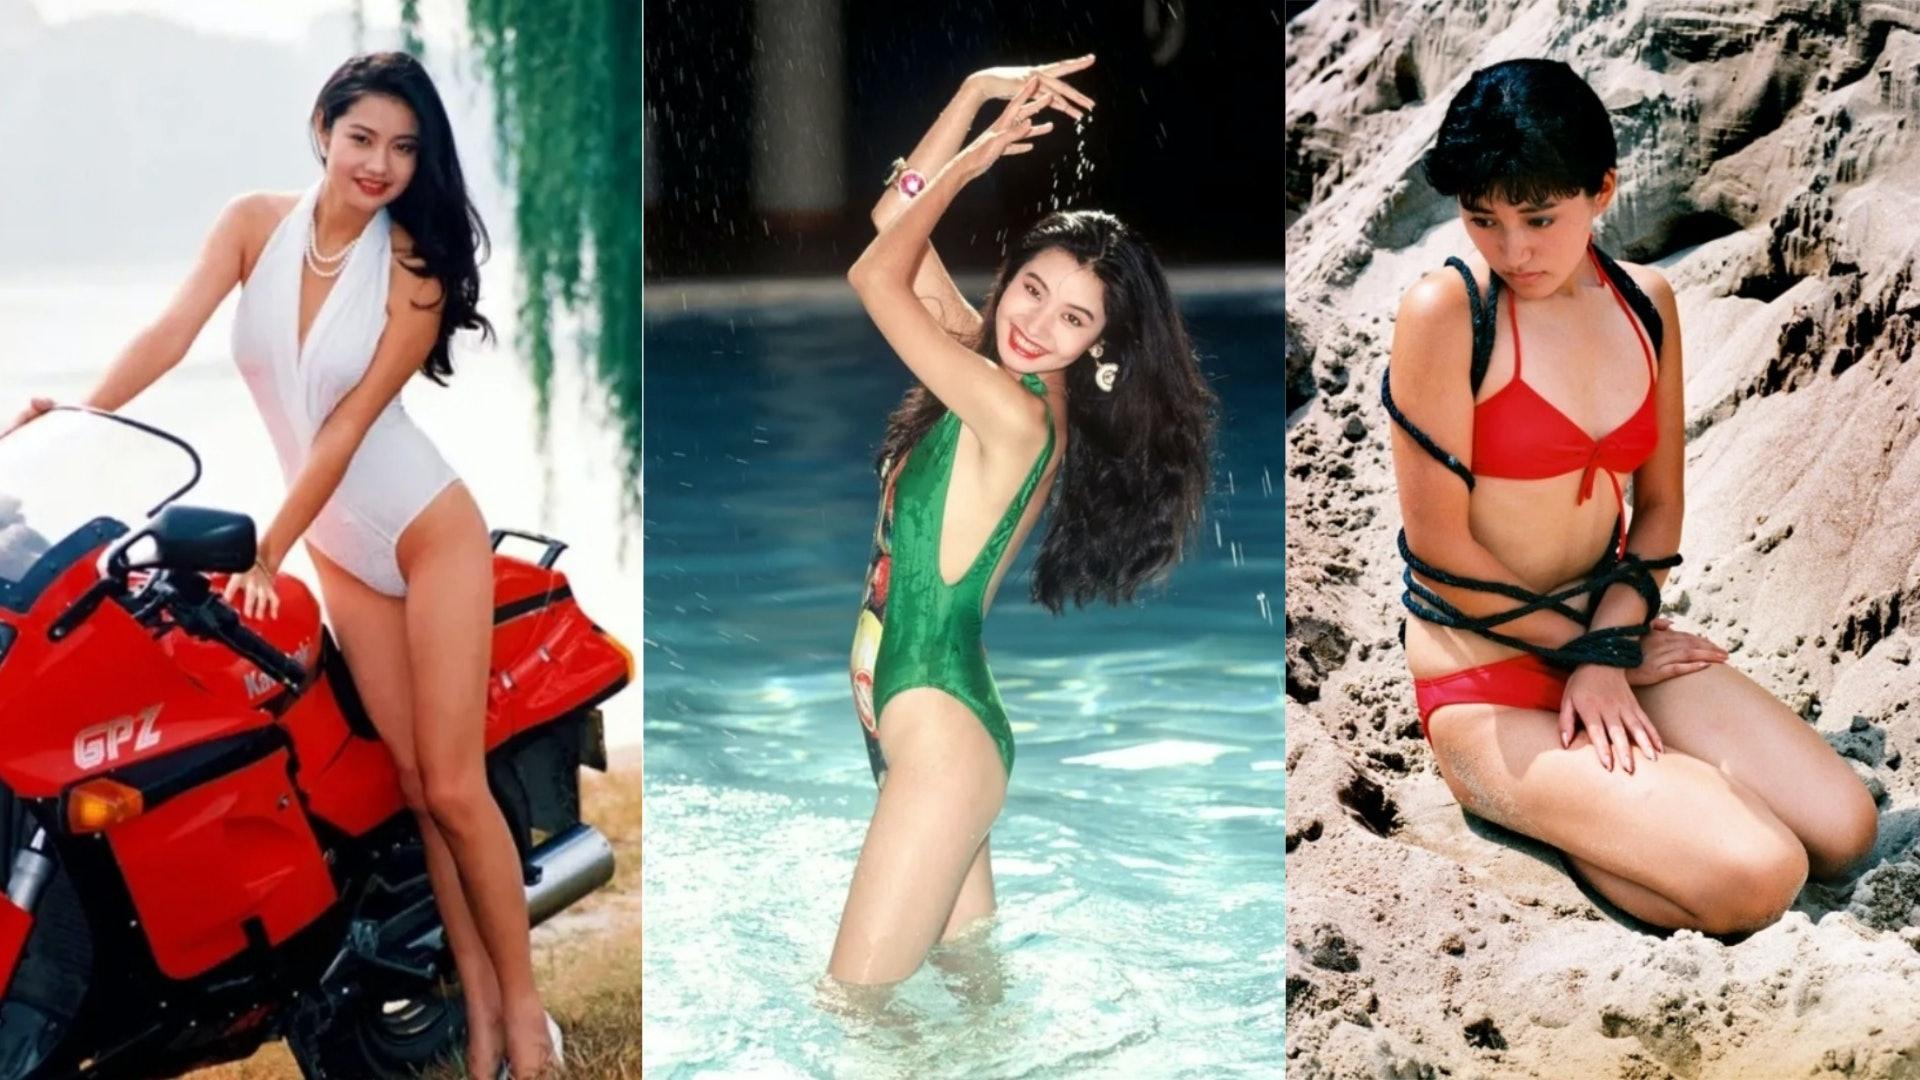 当年这美女泳衣照被嘲低俗 今被誉最纯淨中国美学